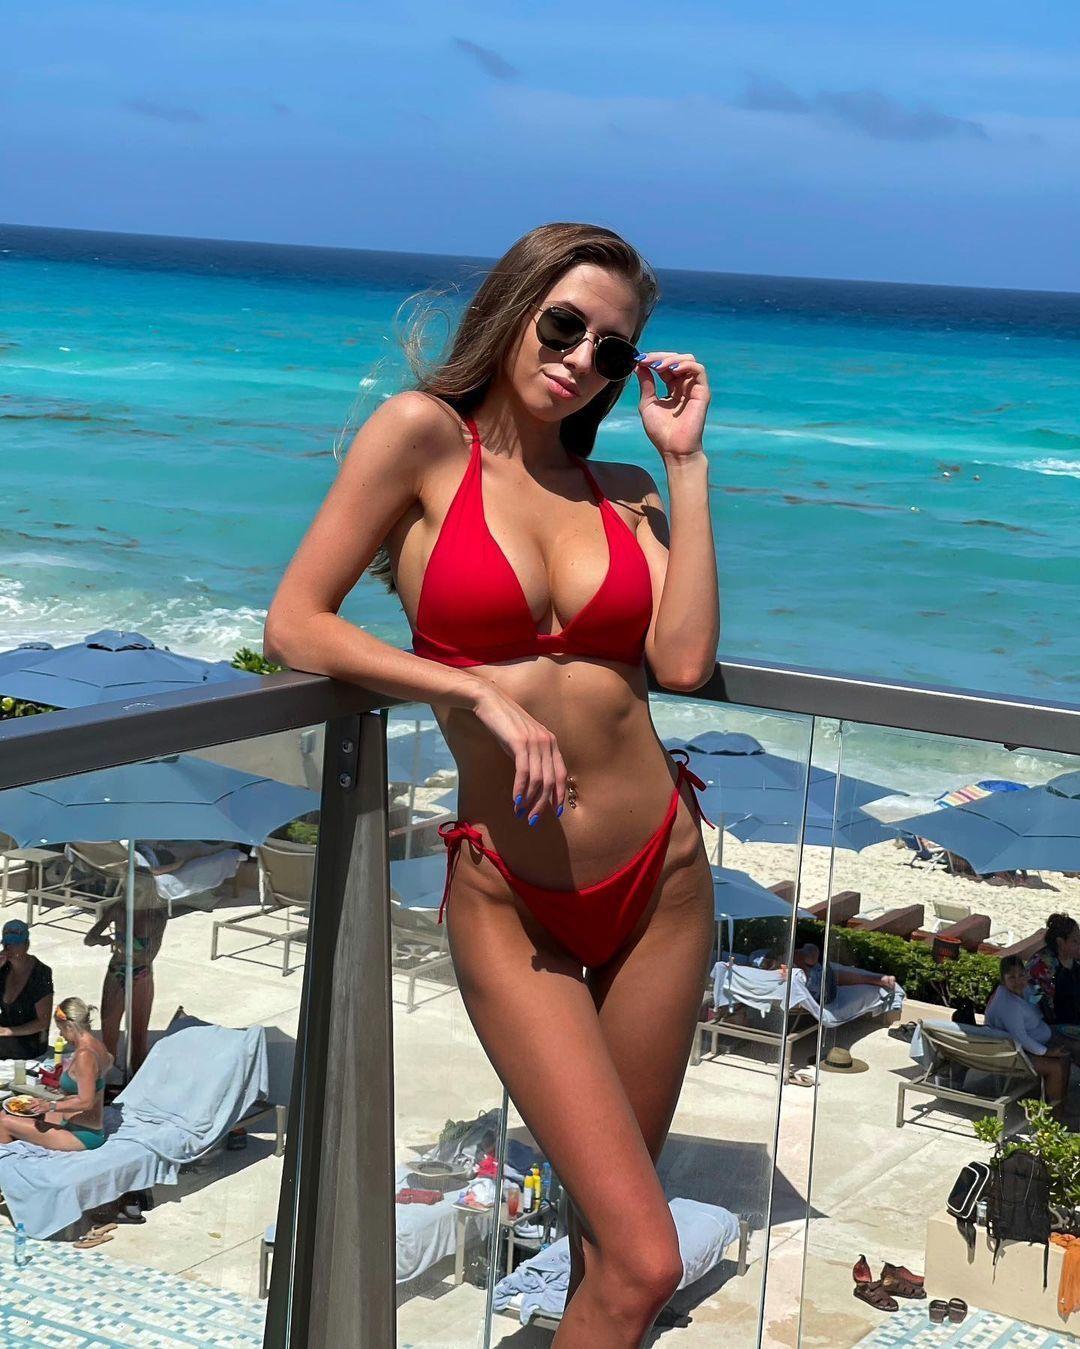 Стройная туристка в сексуальном красном купальнике на отдыхе